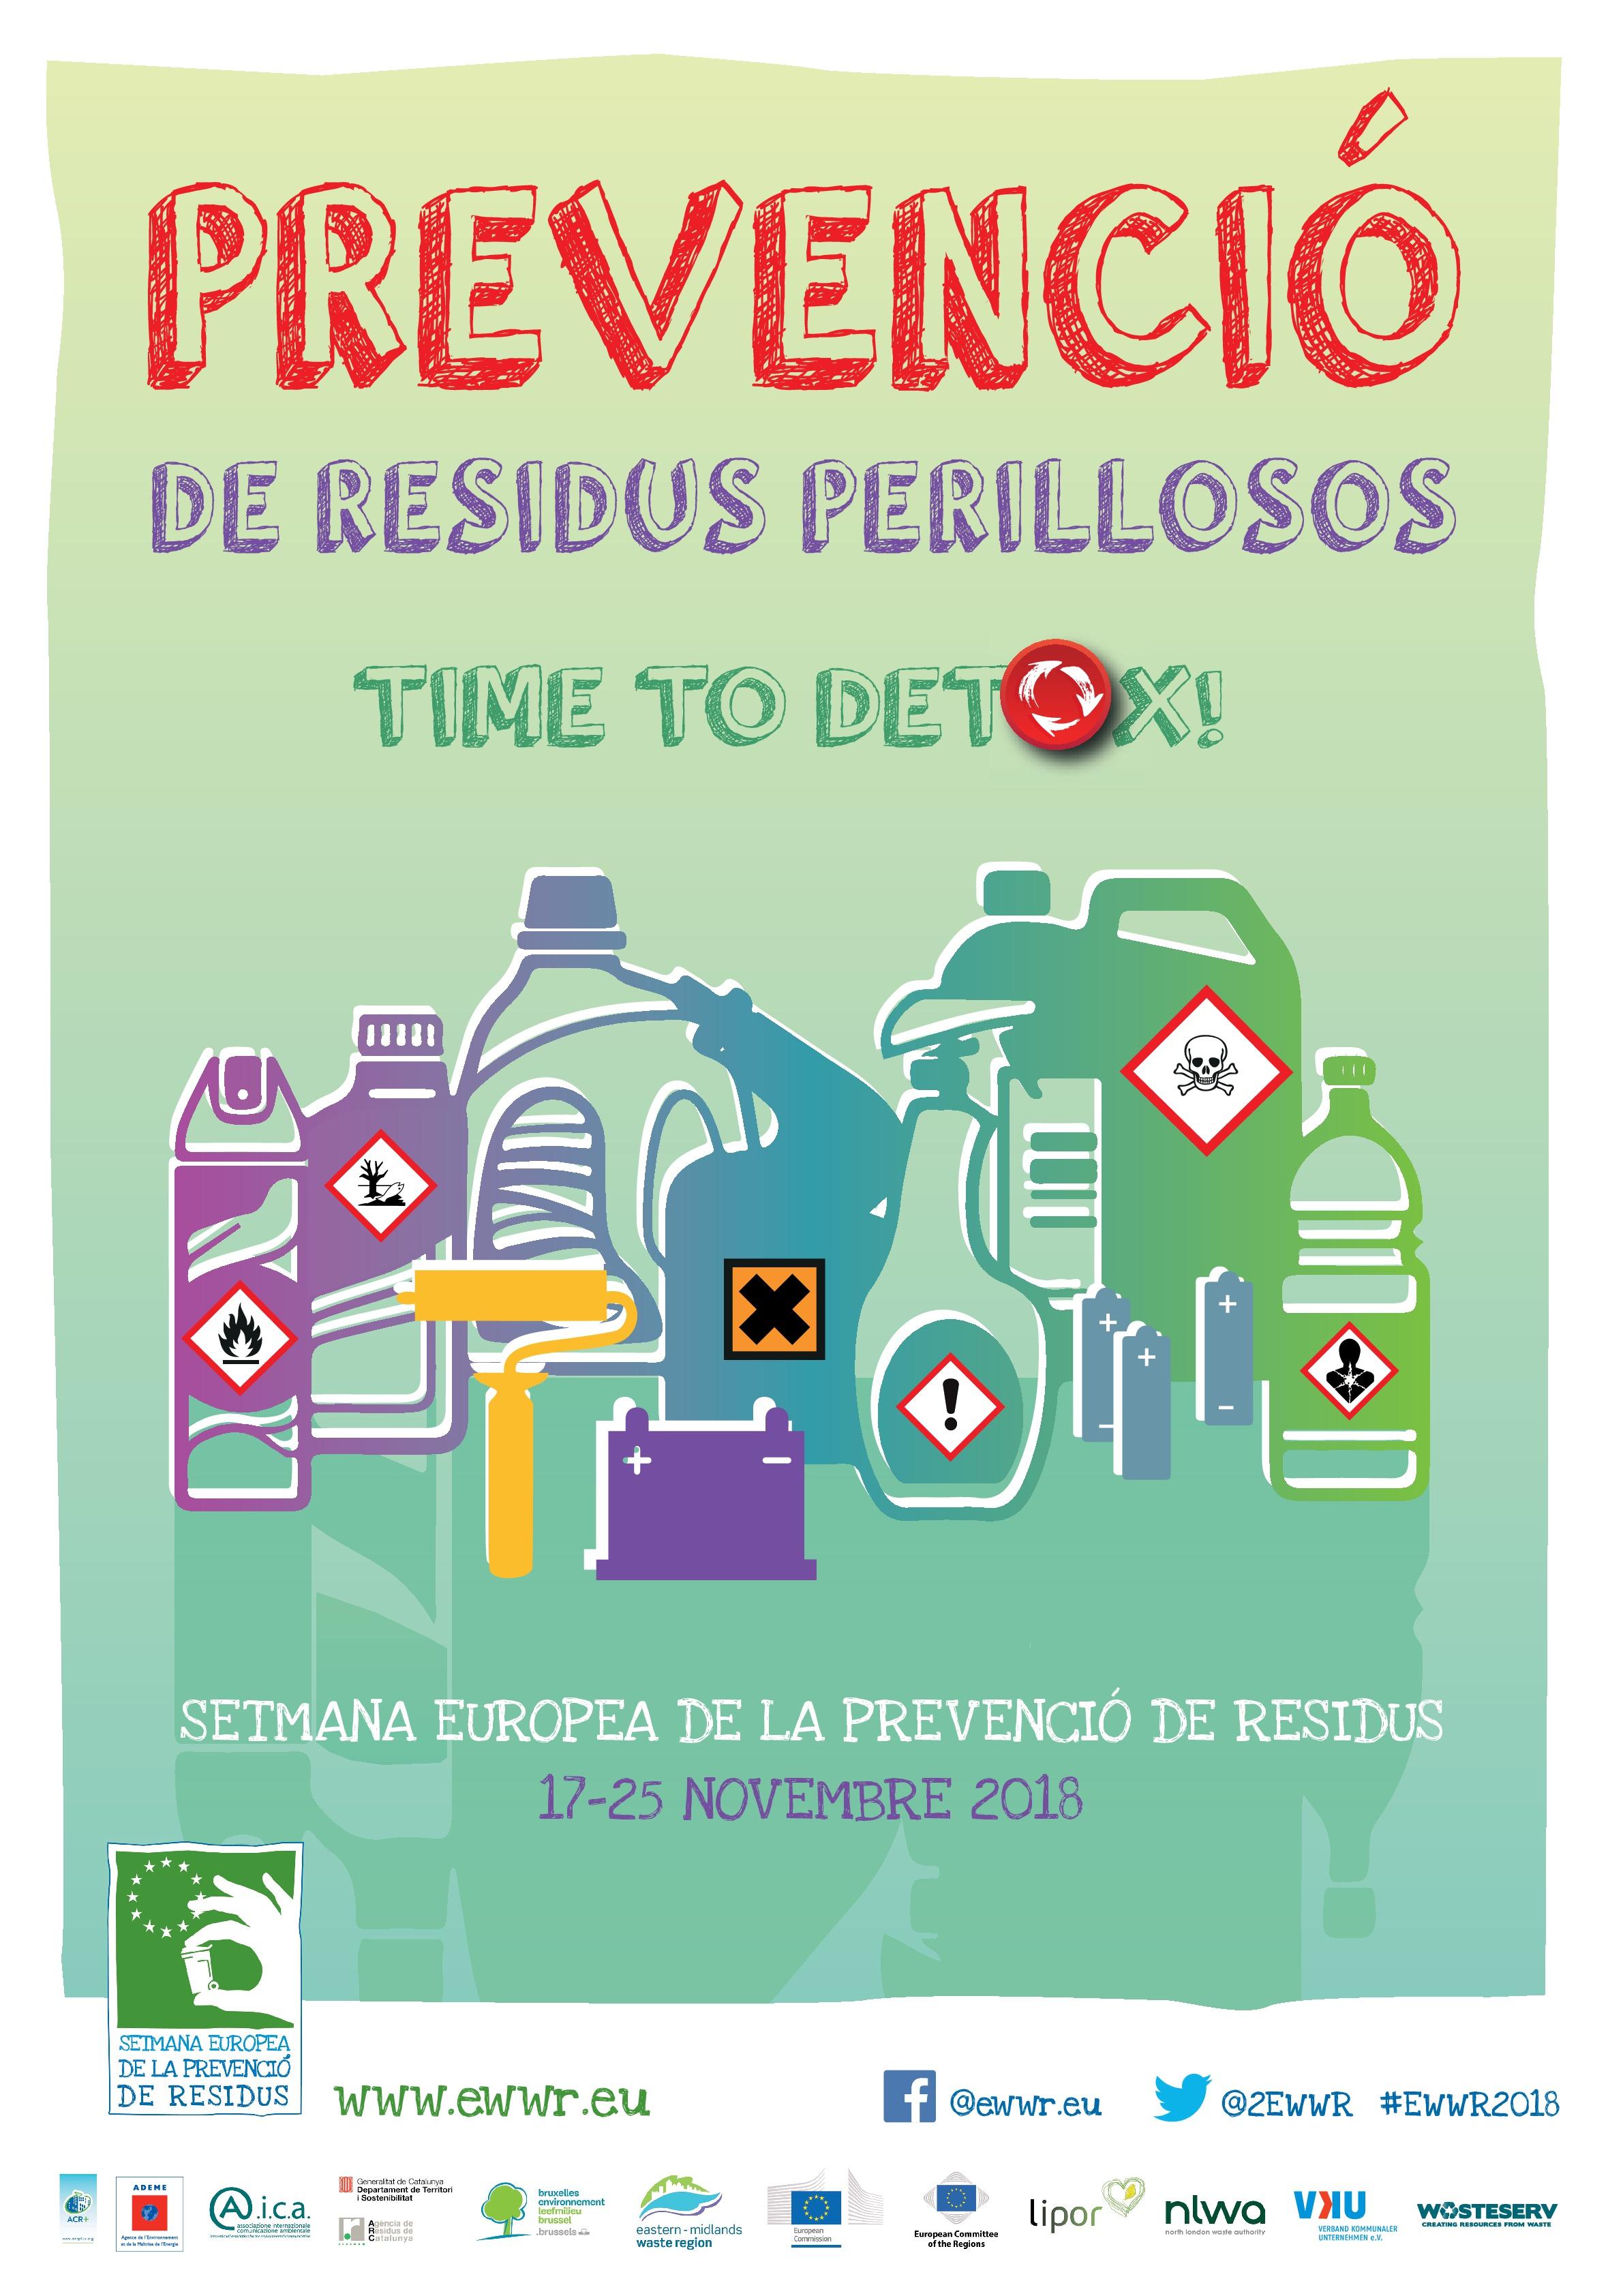 Setmana Europea de la Prevenció de Residus 2018